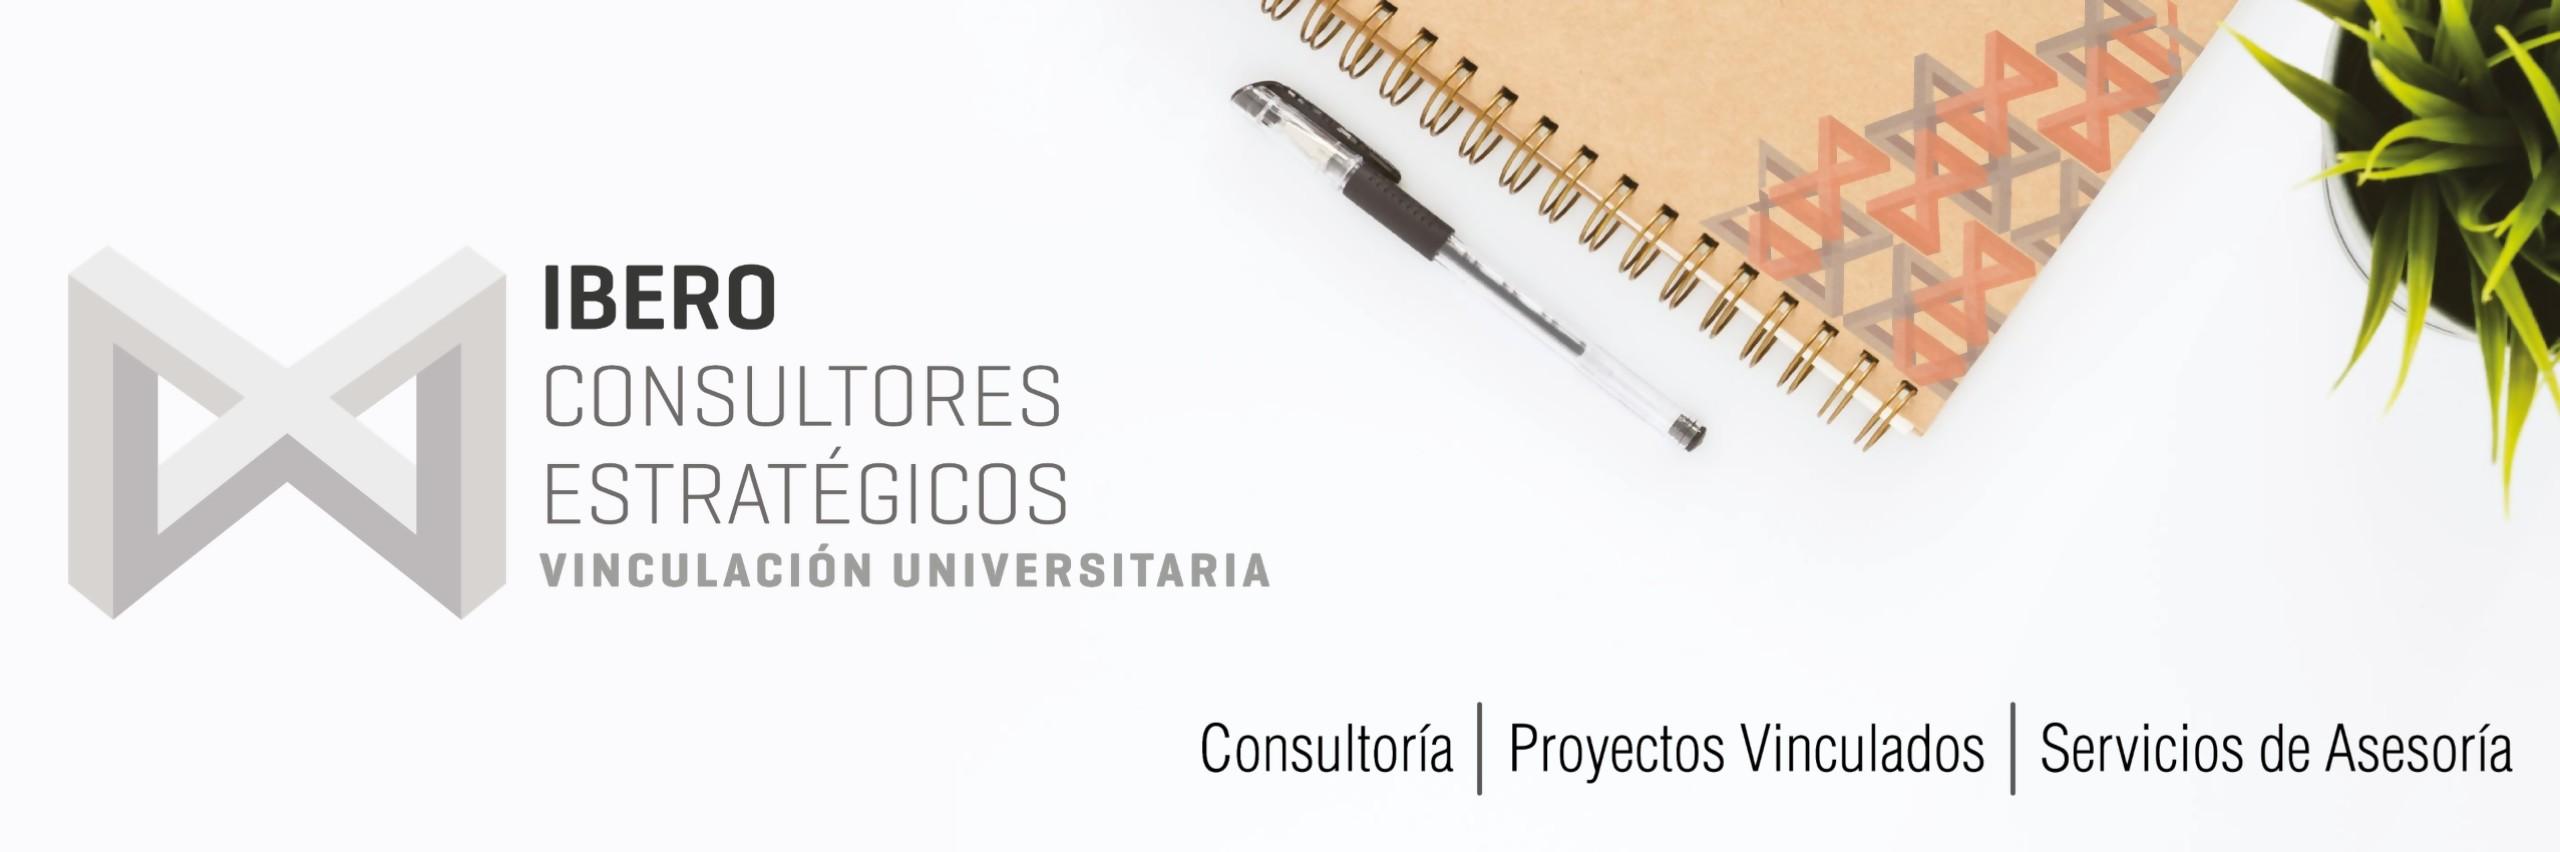 Ibero Consultores